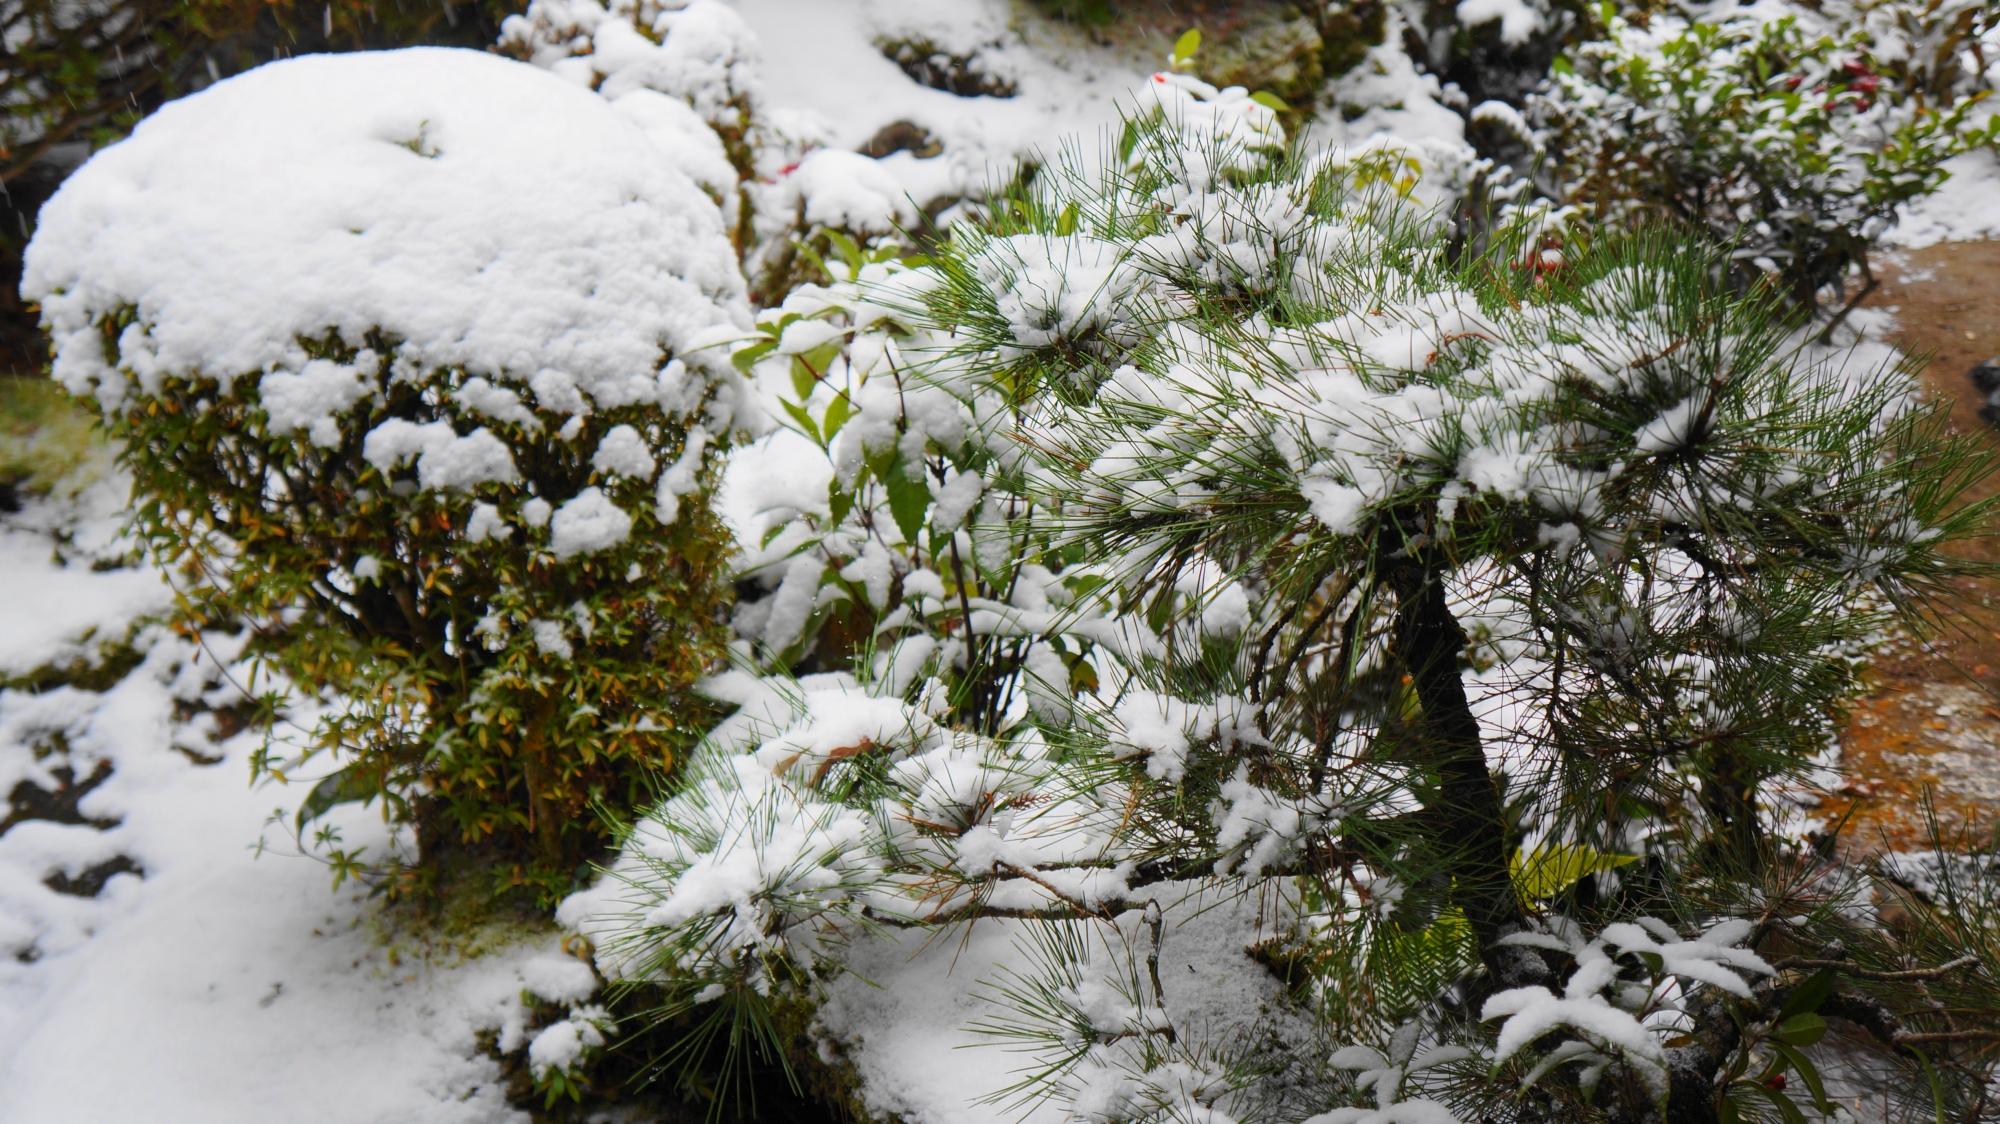 雪につつまれた詩仙堂のサツキの刈り込みや松